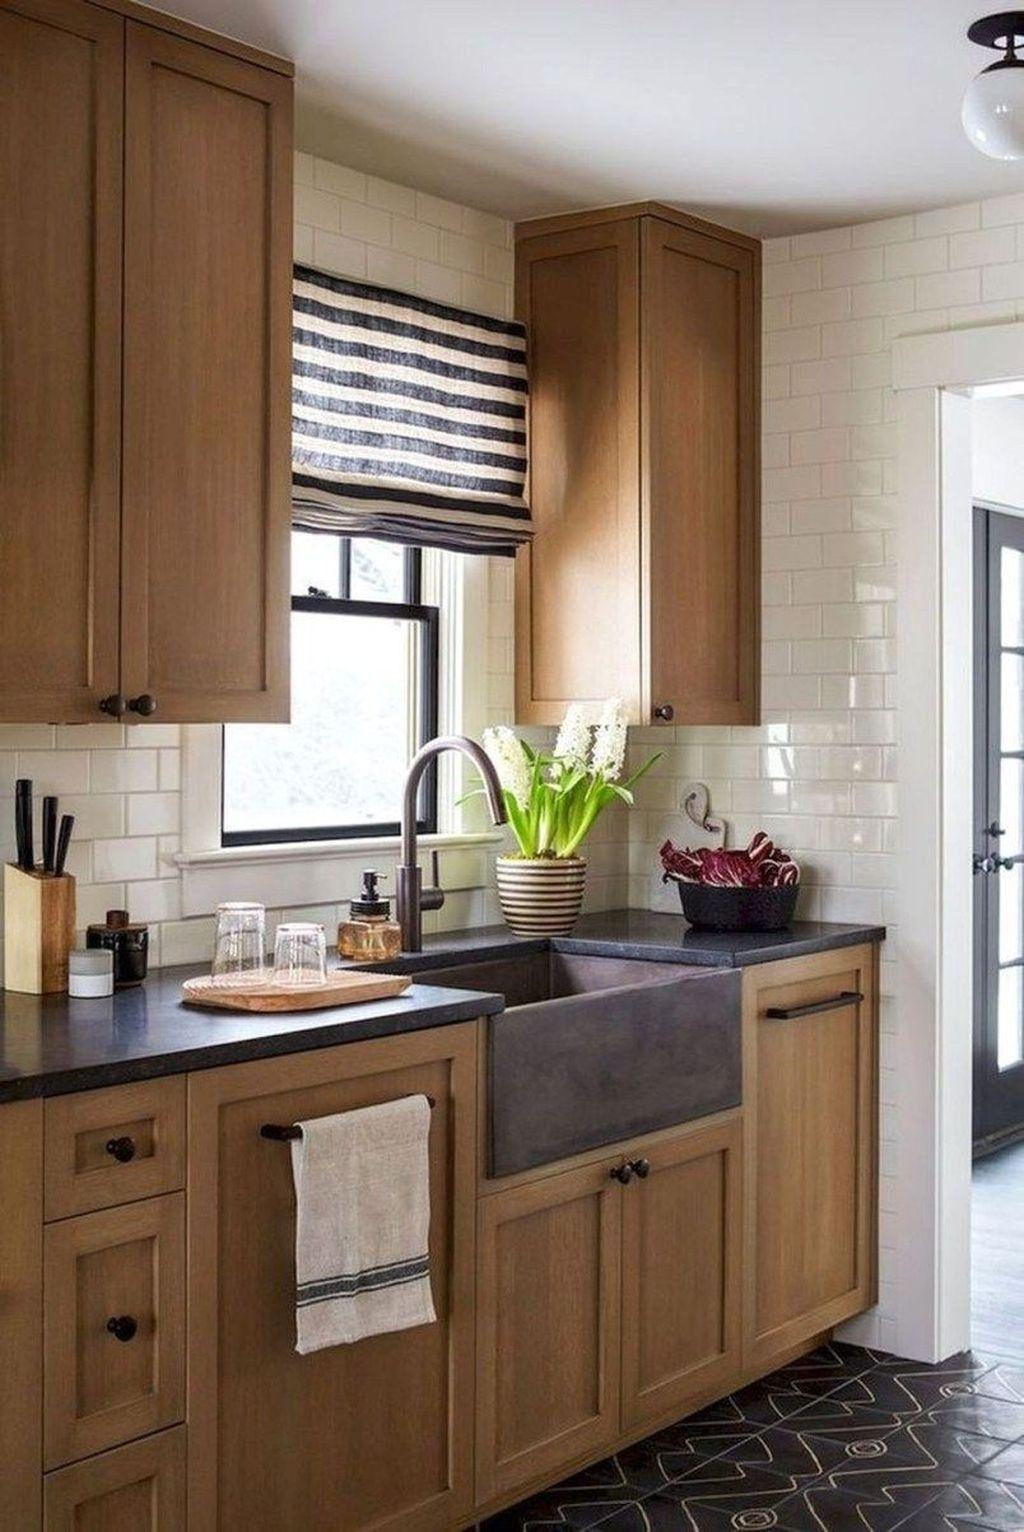 30+ Inspiring Farmhouse Kitchen Makeover Ideas